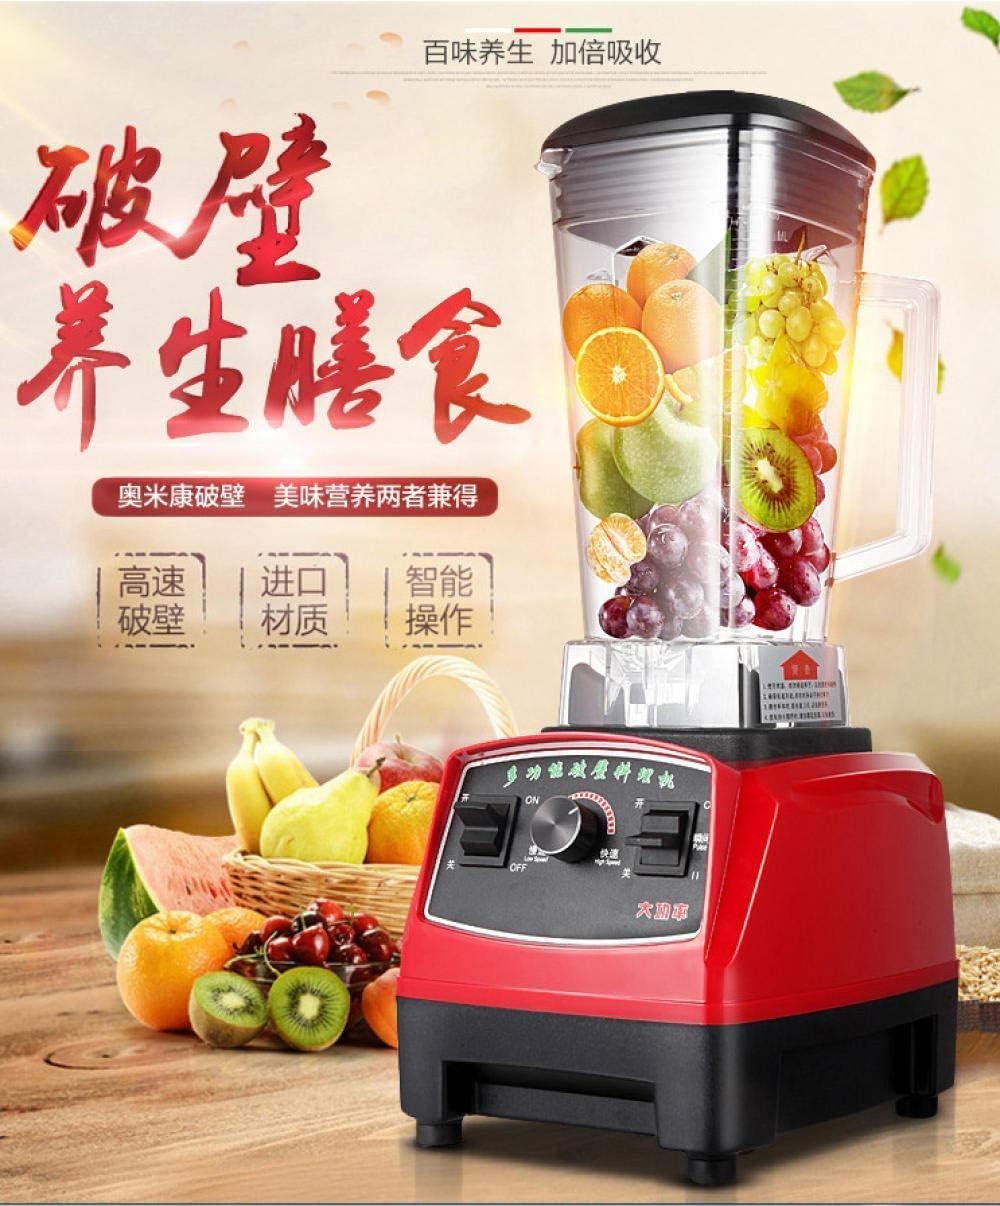 GONGFF Juicer,2017 Sale Slow Juicer,Juicer,220V/ Food Blender Soybean Milk Maker Machine Export Custom Grinding Ice Smoothie